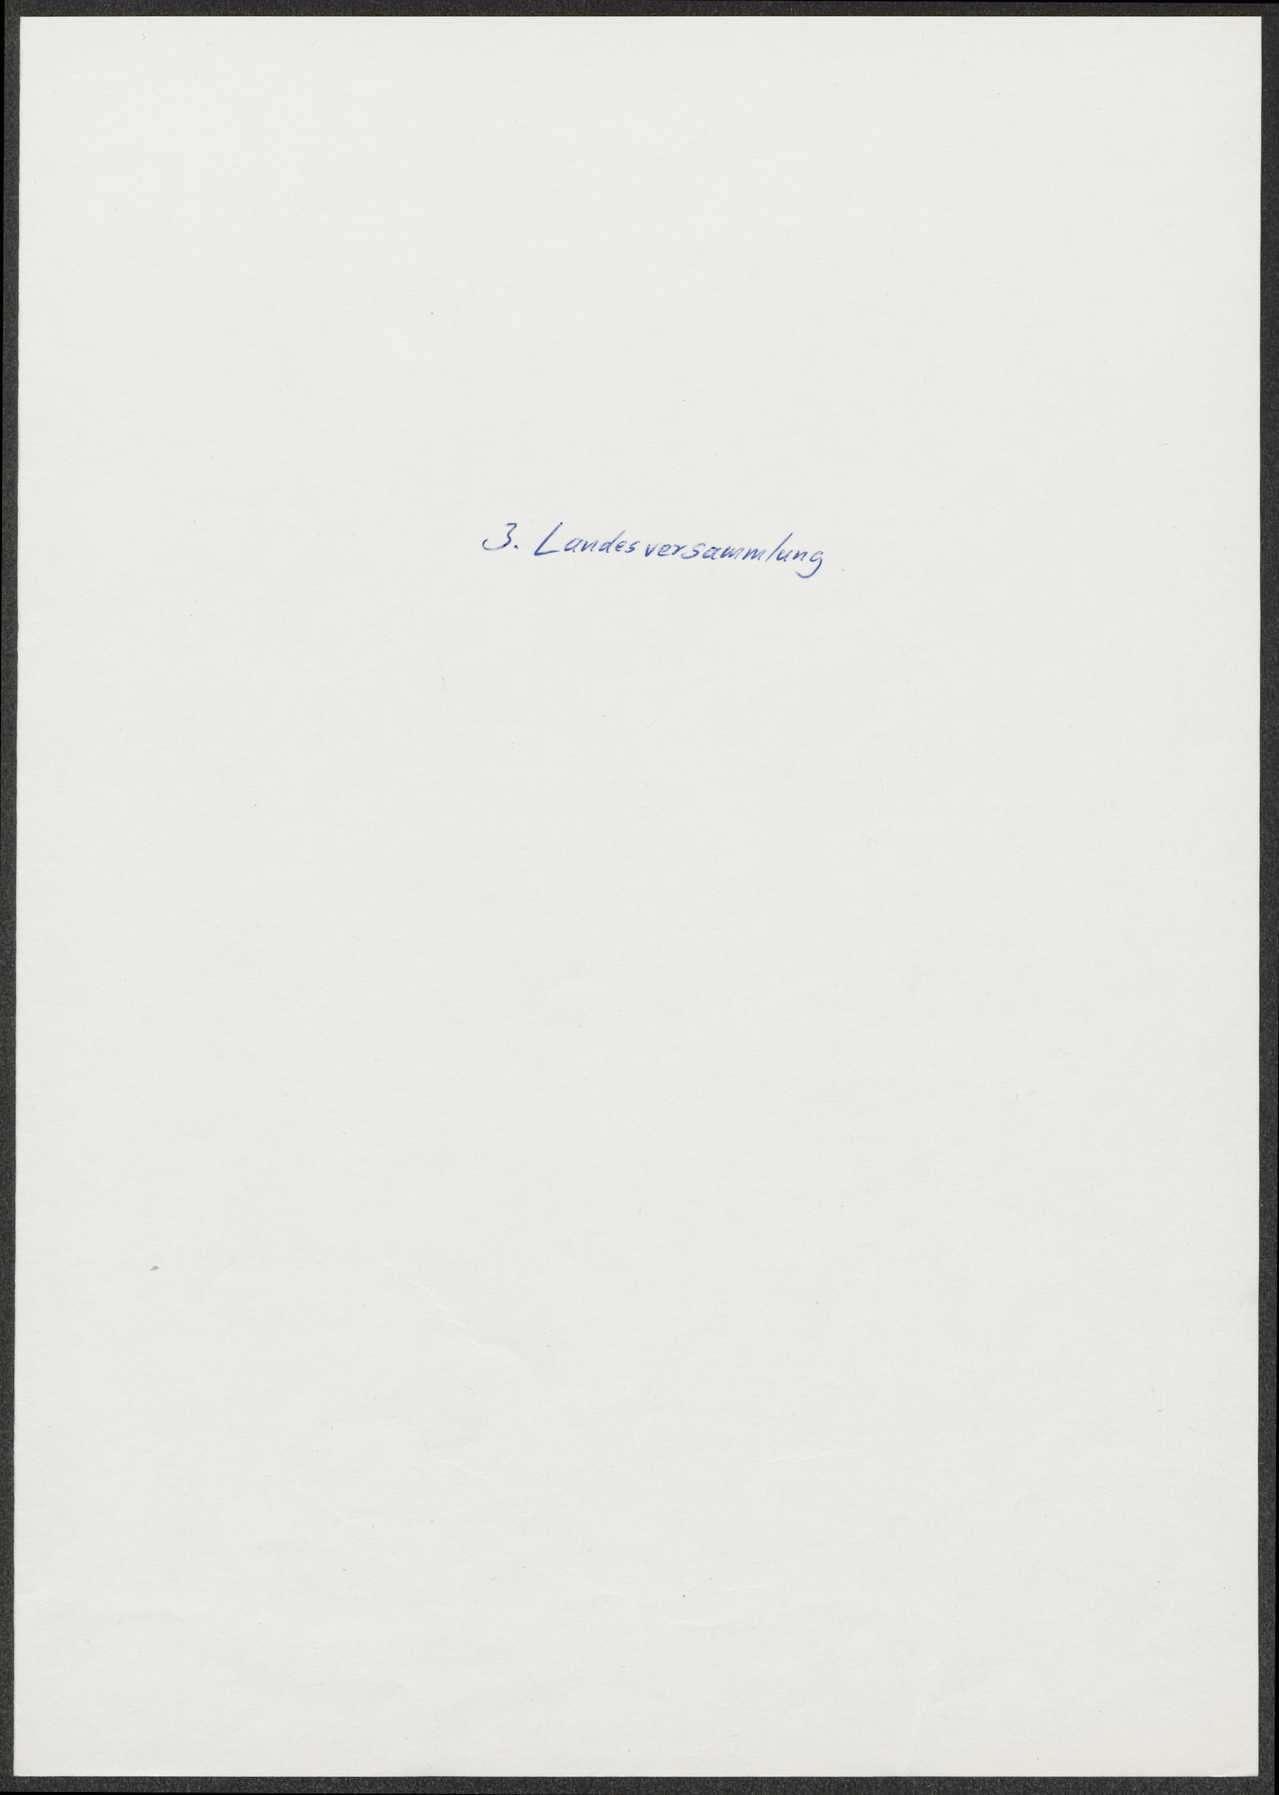 3. - 4. Landesversammlung der Soldatenräte, Bild 1